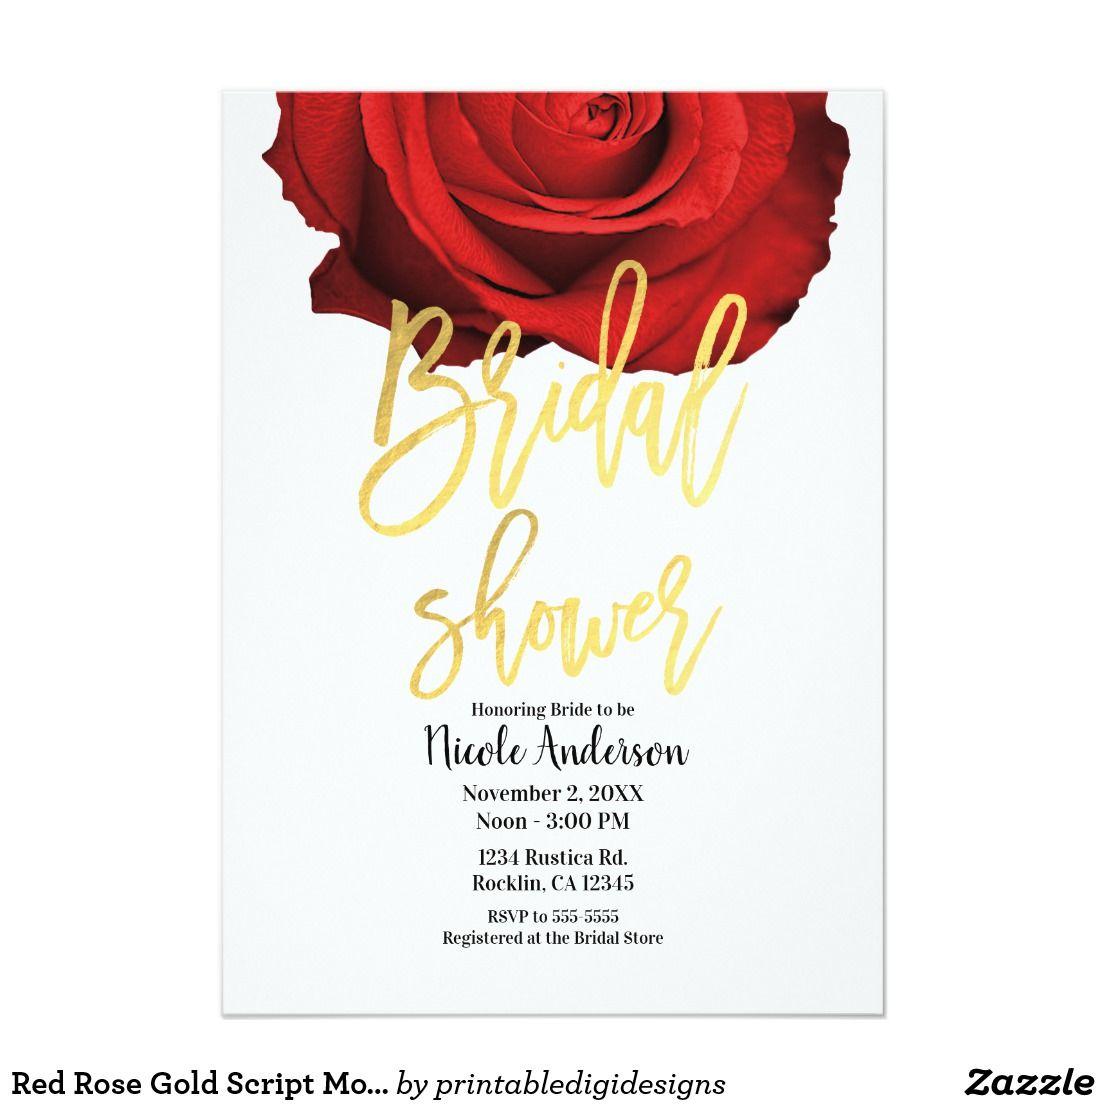 Red Rose Gold Script Modern Trendy Bridal Shower Card | Bridal ...